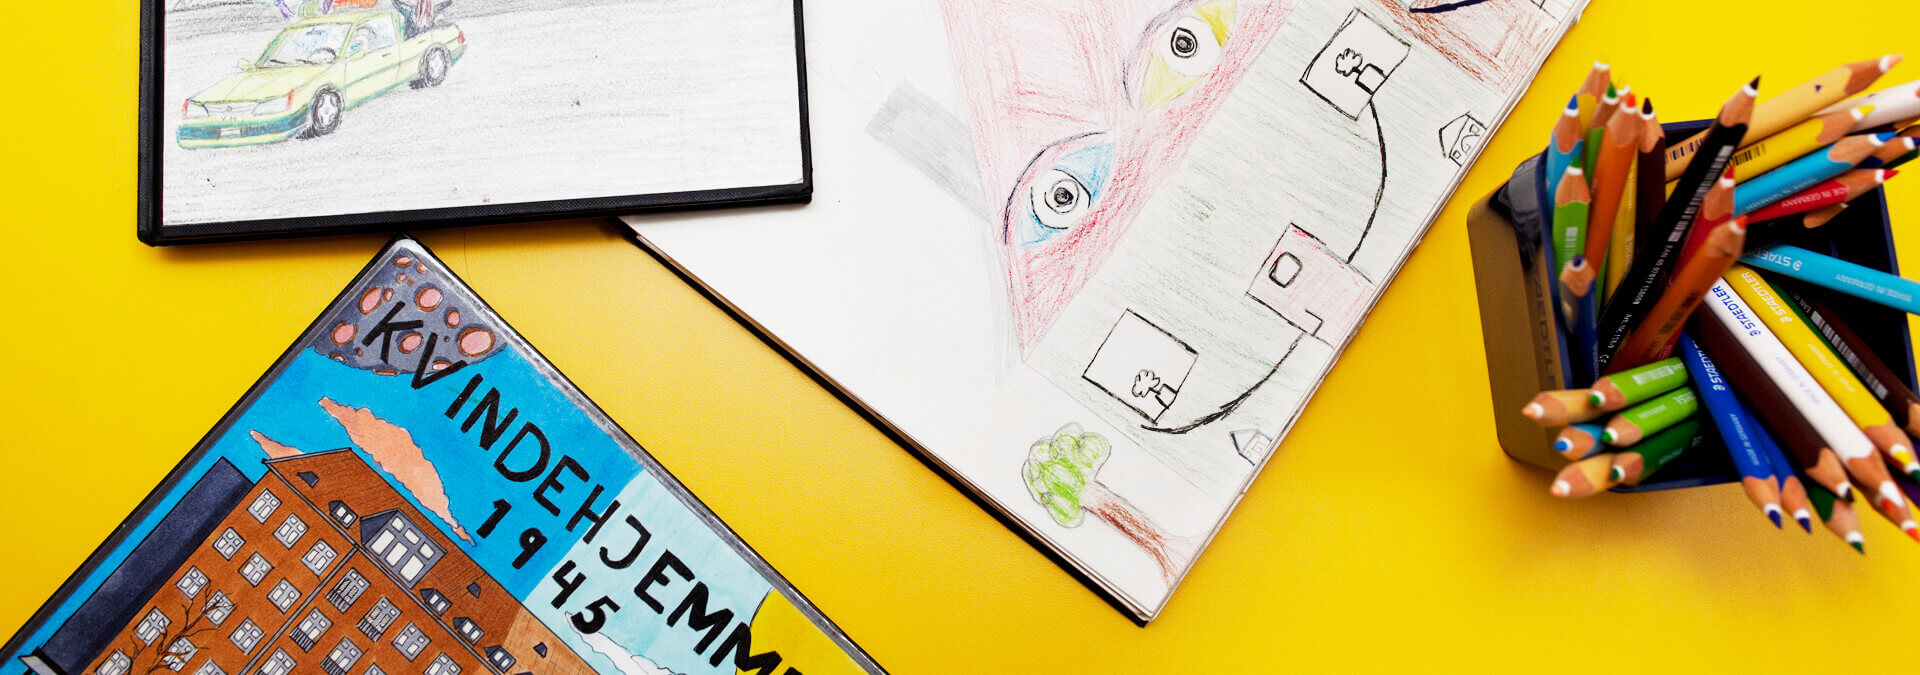 Bøger med tegninger på gult bord med blyanter for børn på krisecenter